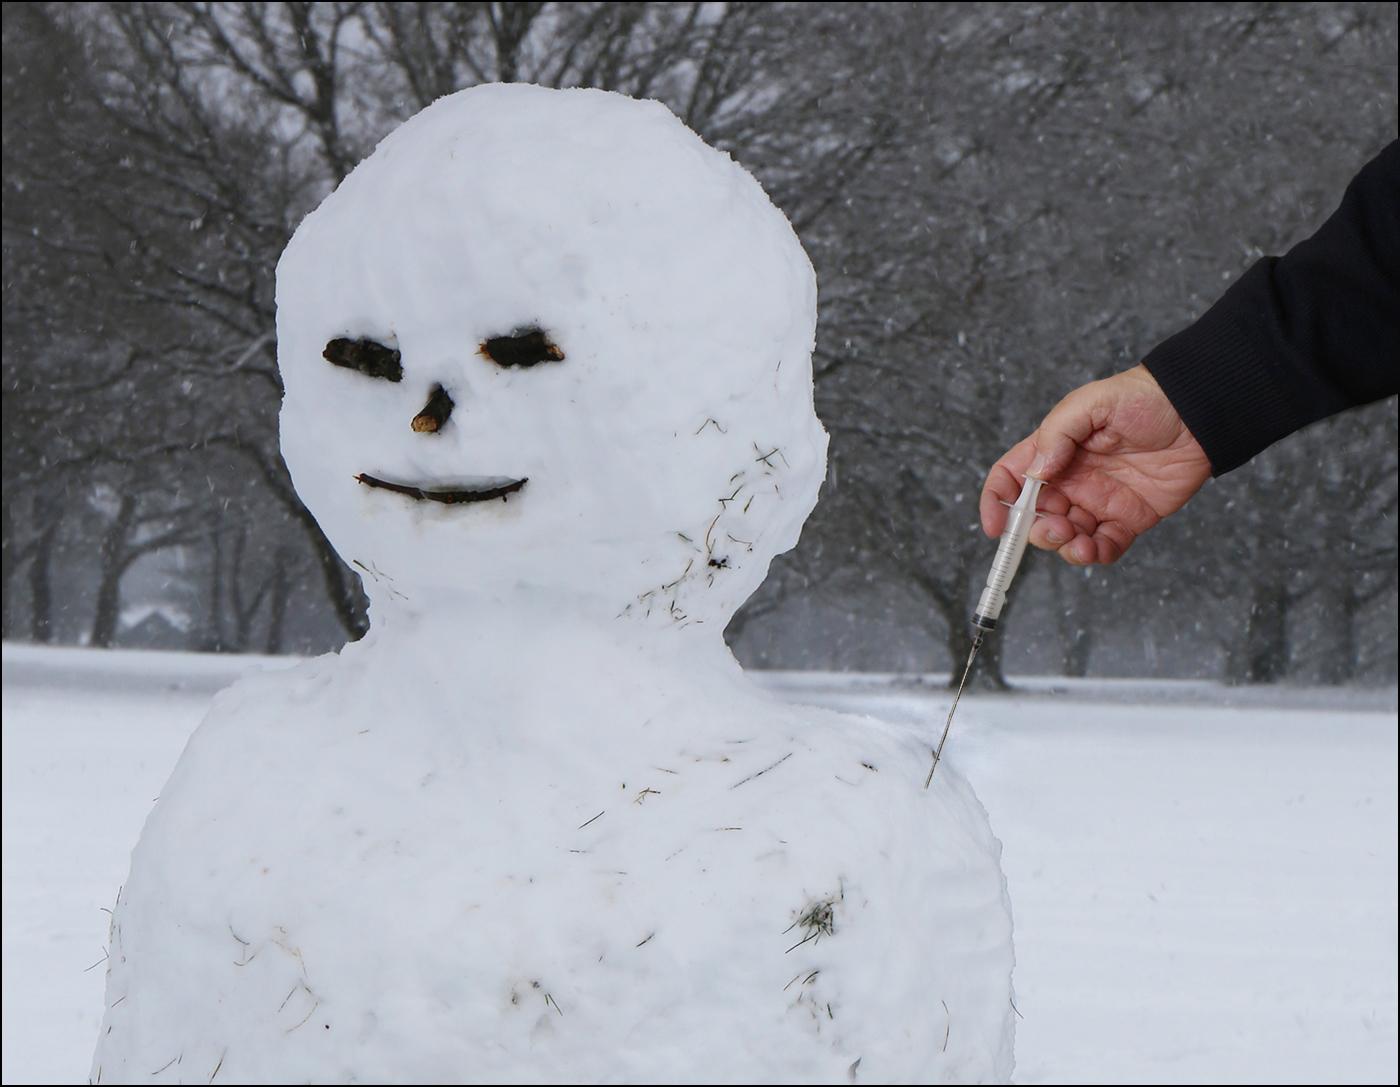 Snowman-vacc.jpg